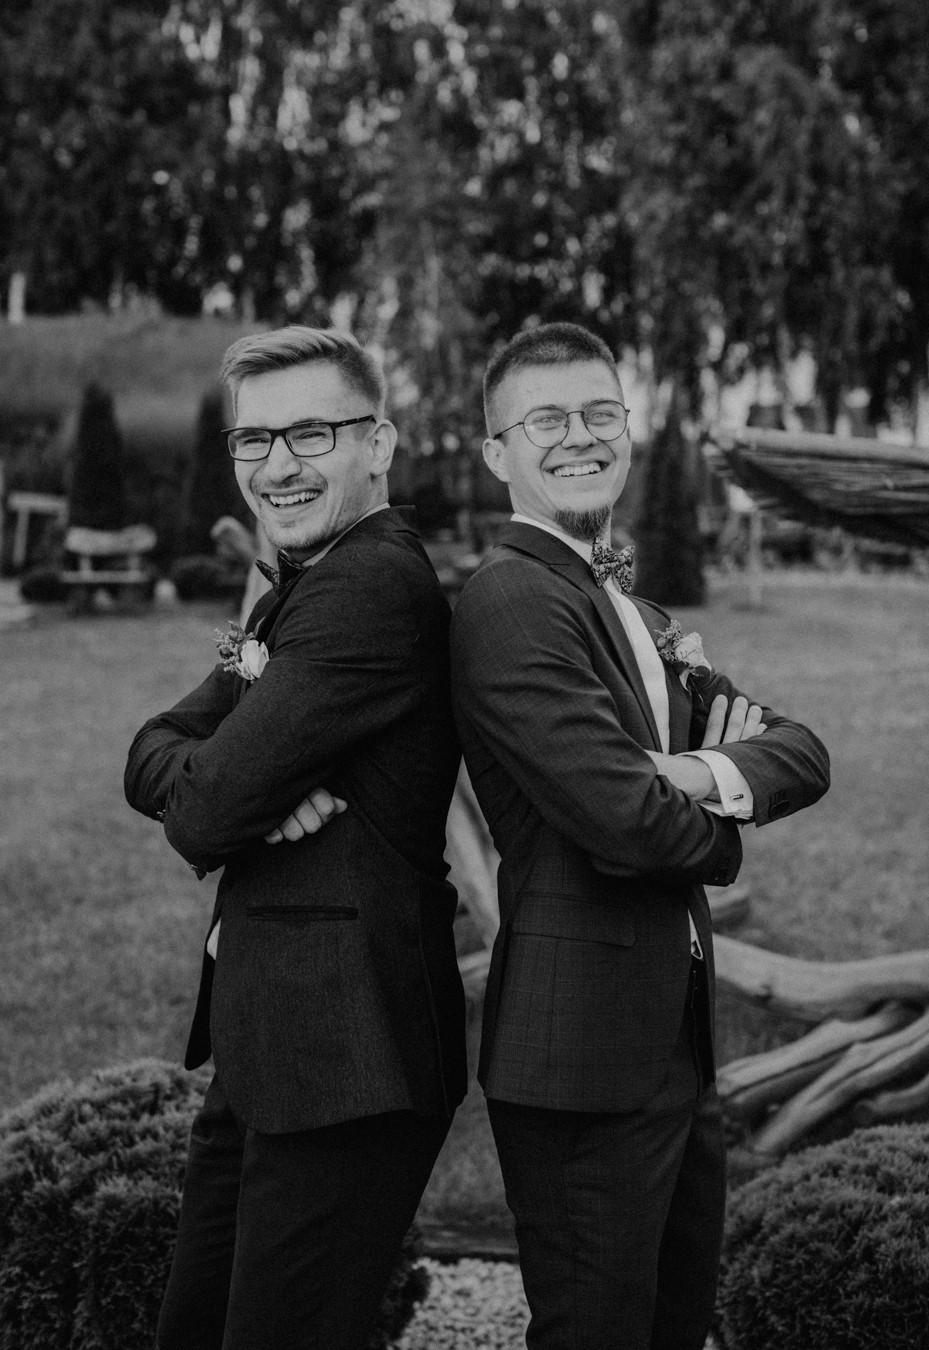 Skansen Bicz, wesele w Skansenie Bicz, plenerowy ślub w Skansen Bicz, plener ślubny Skansen Bicz w Koninie, fotograf ślubny Konin, reportaż ślubny, zdjęcia ze ślubu w Skansenie Bicz, rustykalne wesele, boho ślub, boho wesele